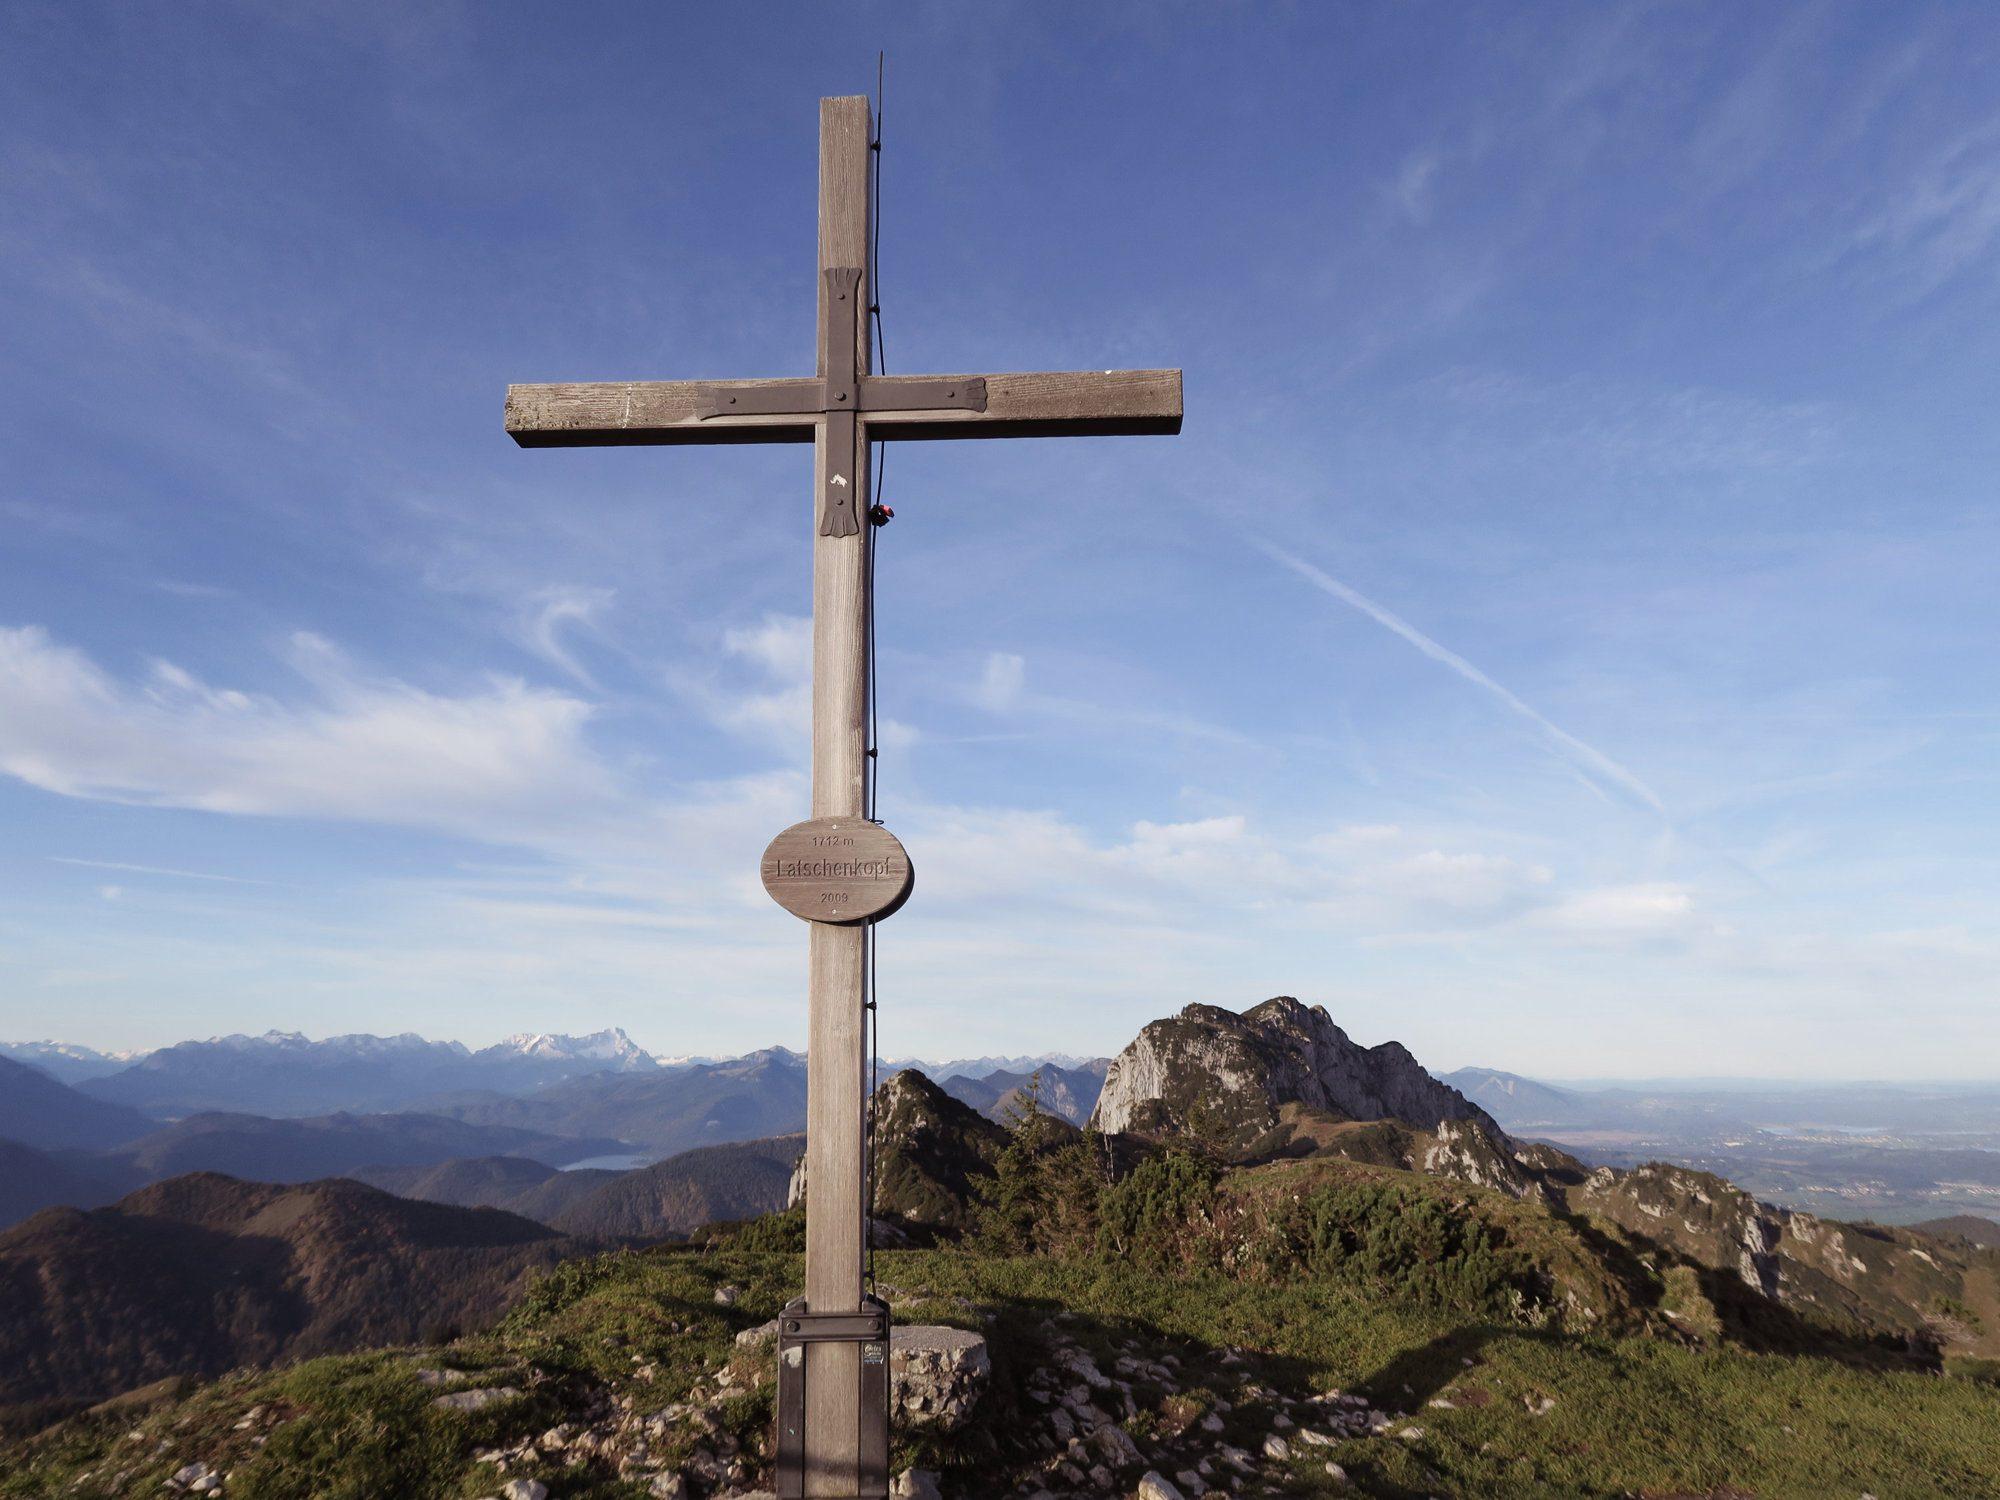 Gipfelkreuz Latschenkopf im Herbst